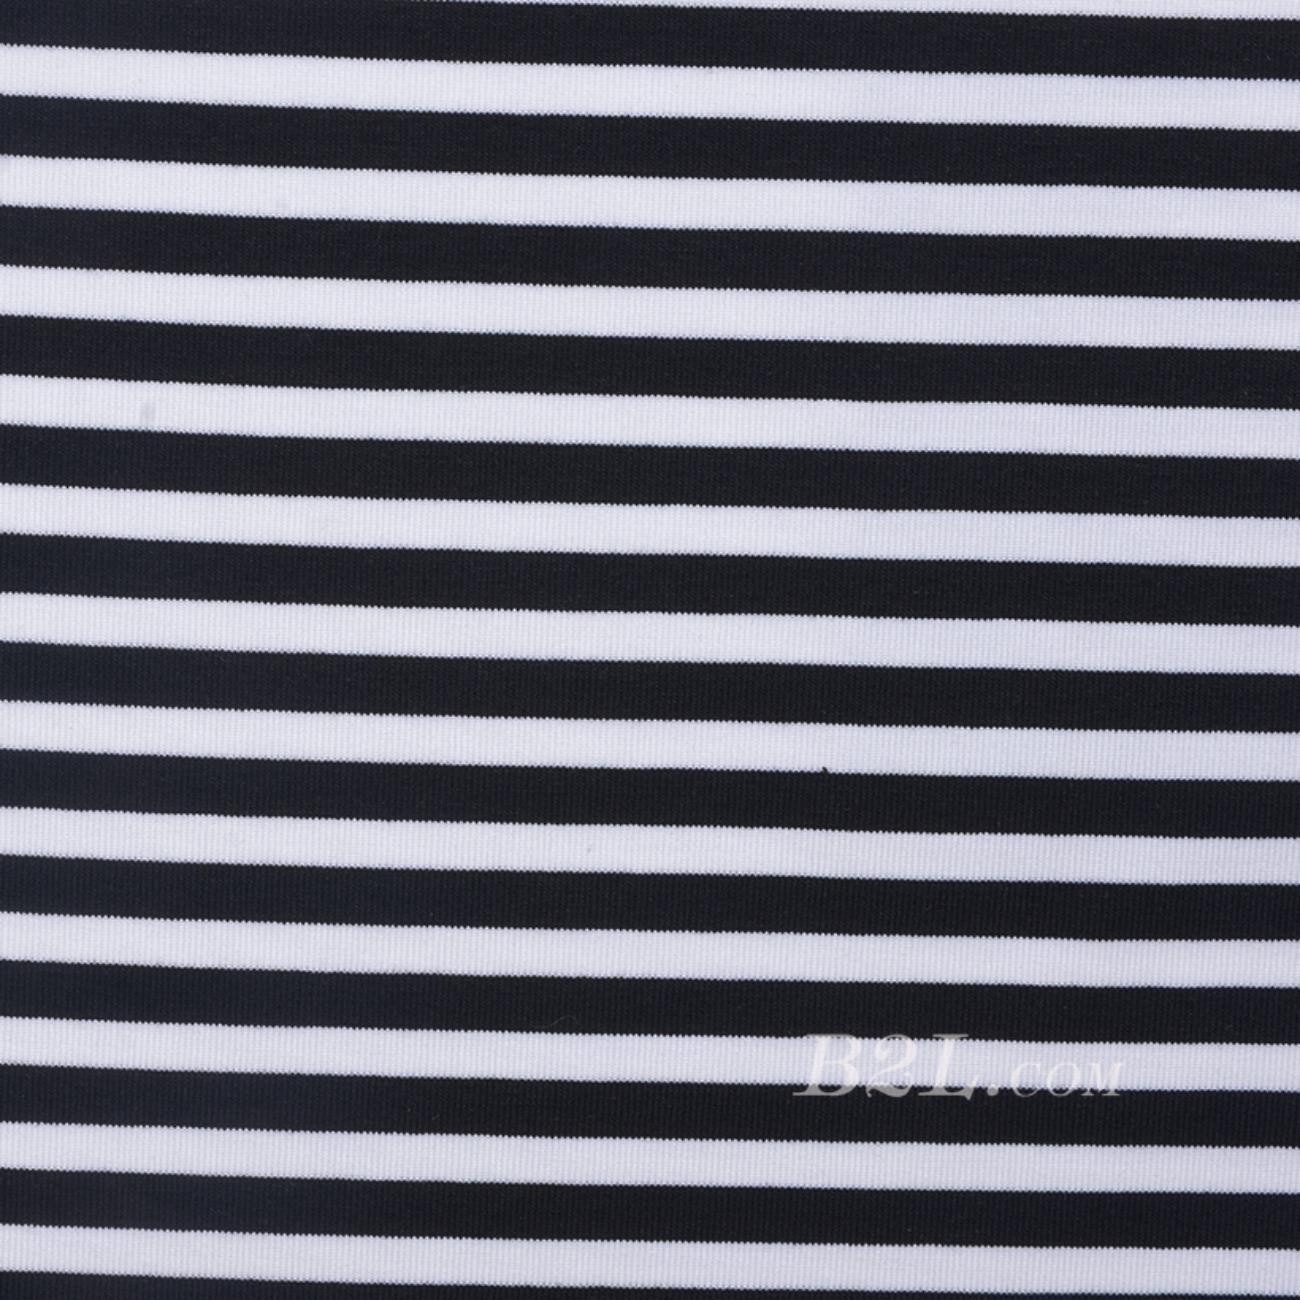 条子 横条 圆机 针织 纬编 棉感 弹力  T恤 针织衫 连衣裙 男装 女装 80131-42